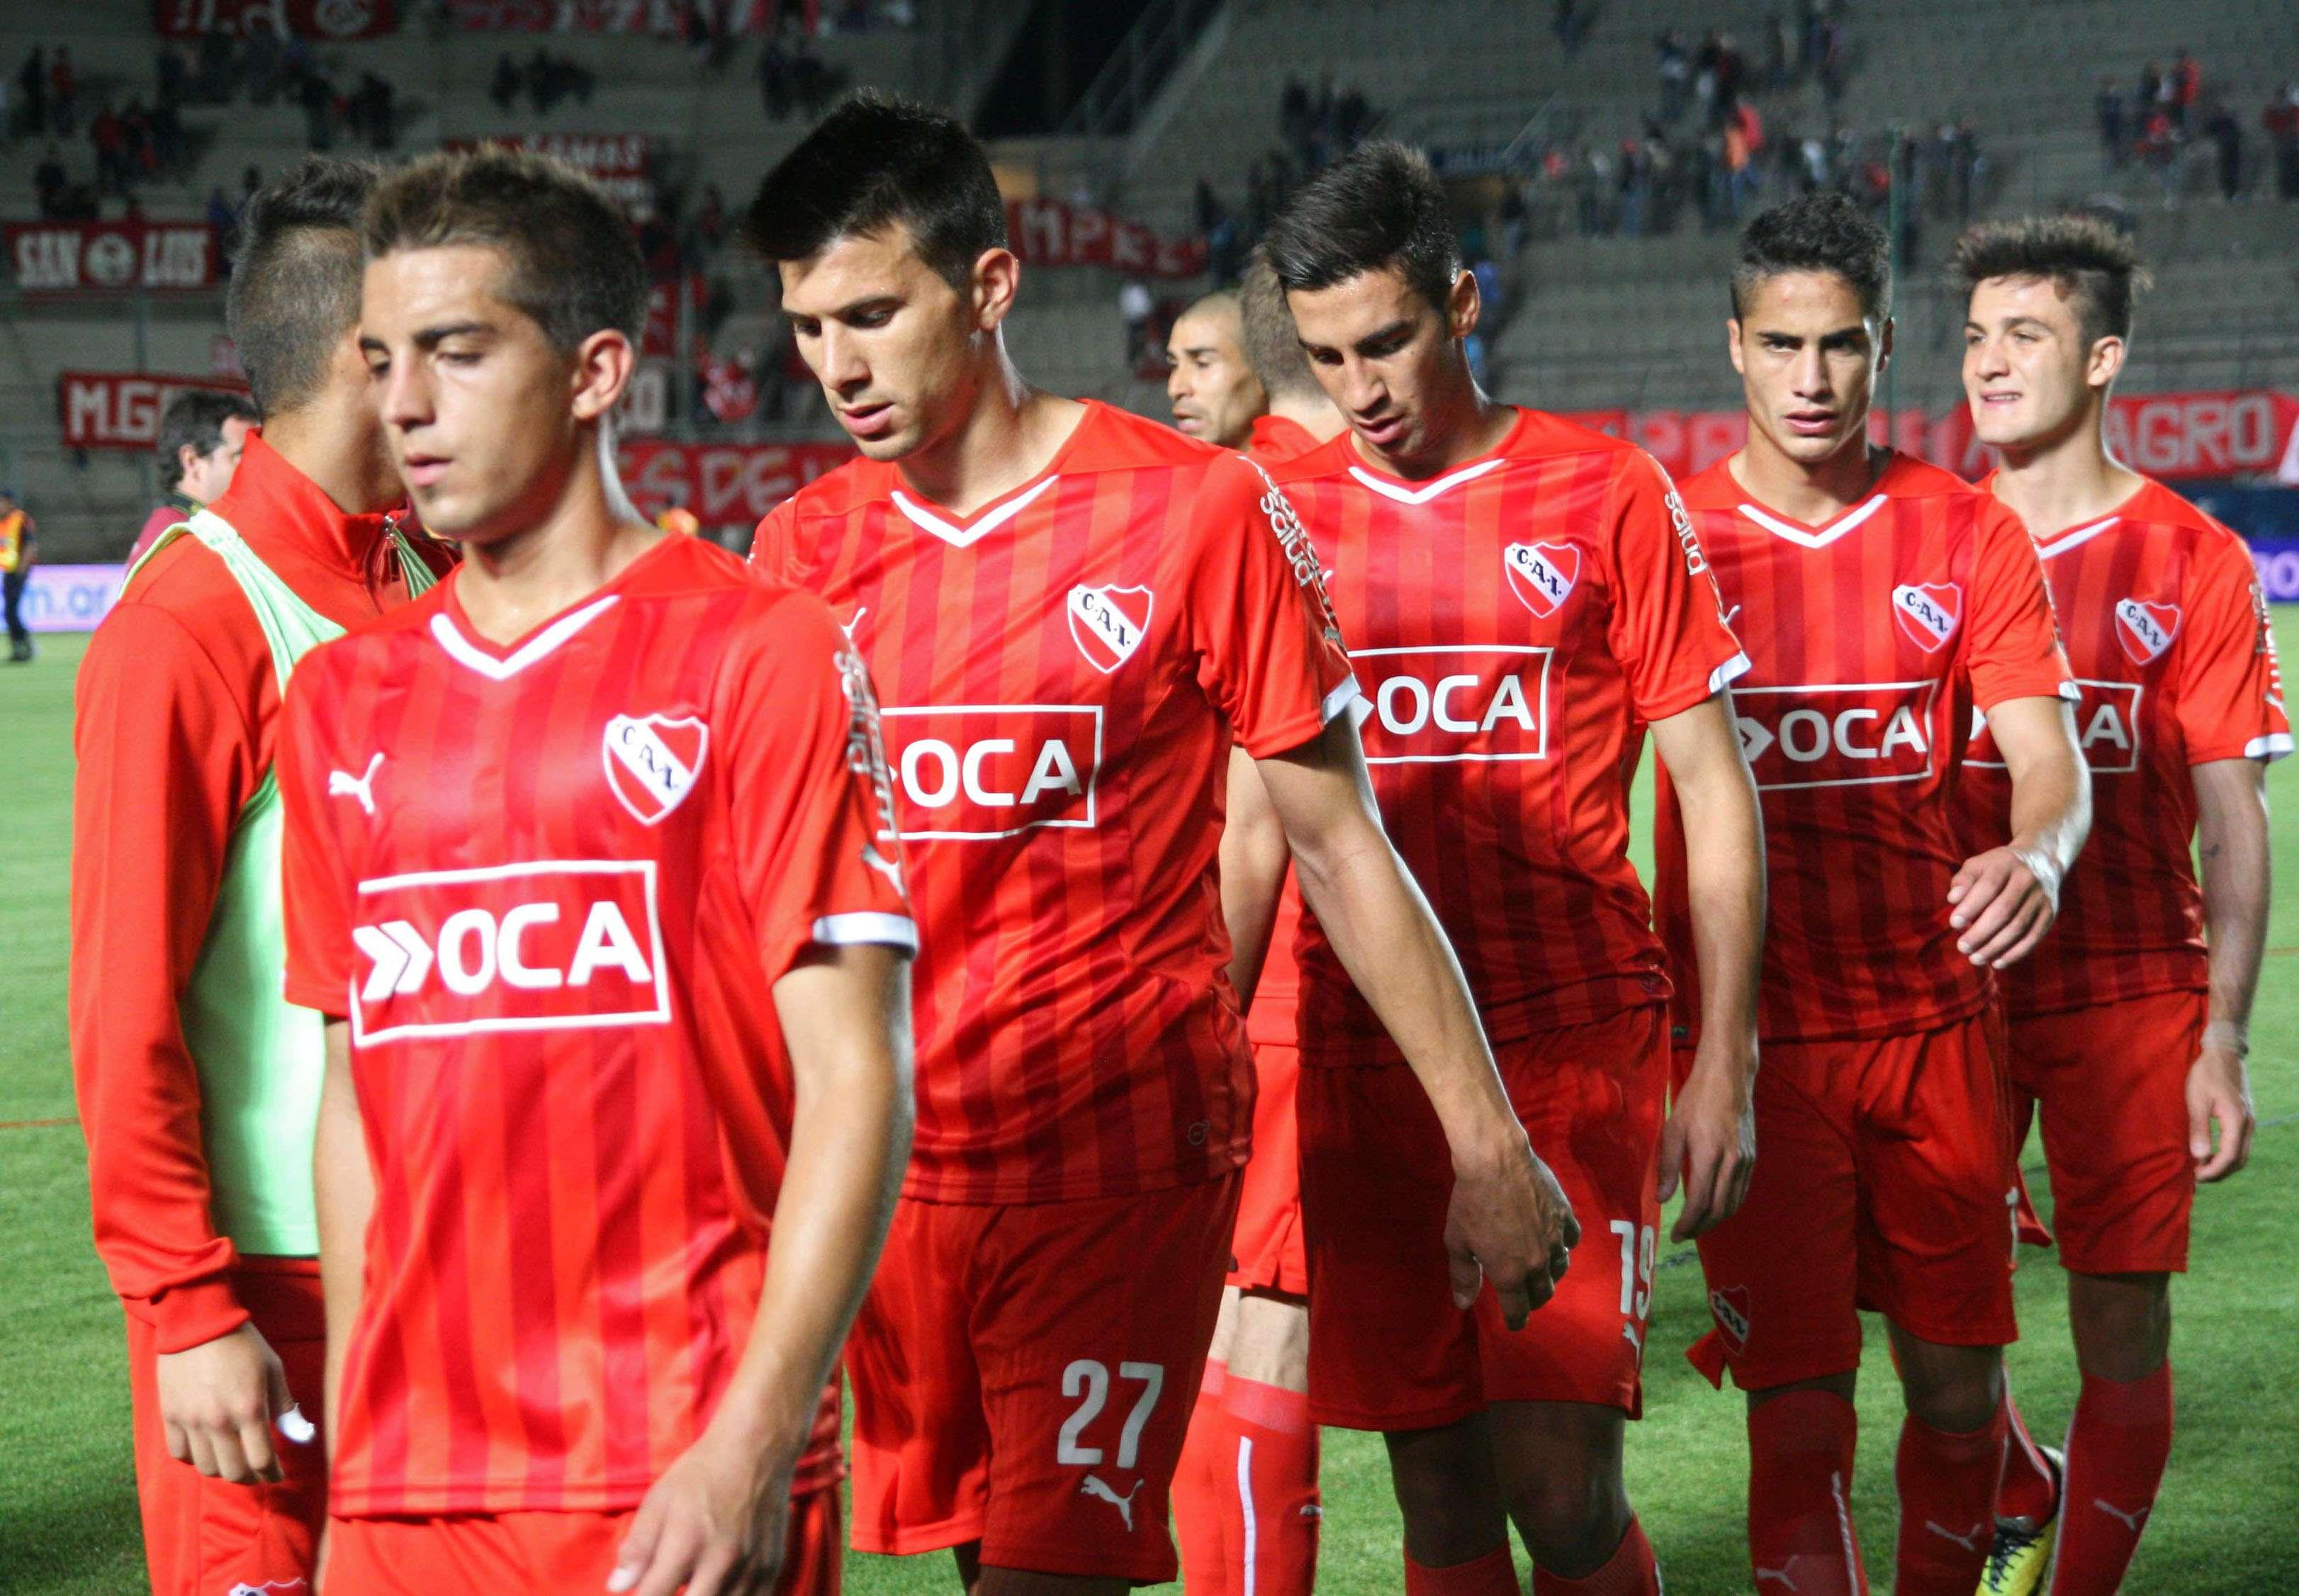 Estudiantes venció 2 a 0 a Independiente en San Juan con goles de Cerutti y Vera. Pasó a cuartos de final de la Copa Argentina y ahora deberá enfrentar a Huracán. Foto: Agencias